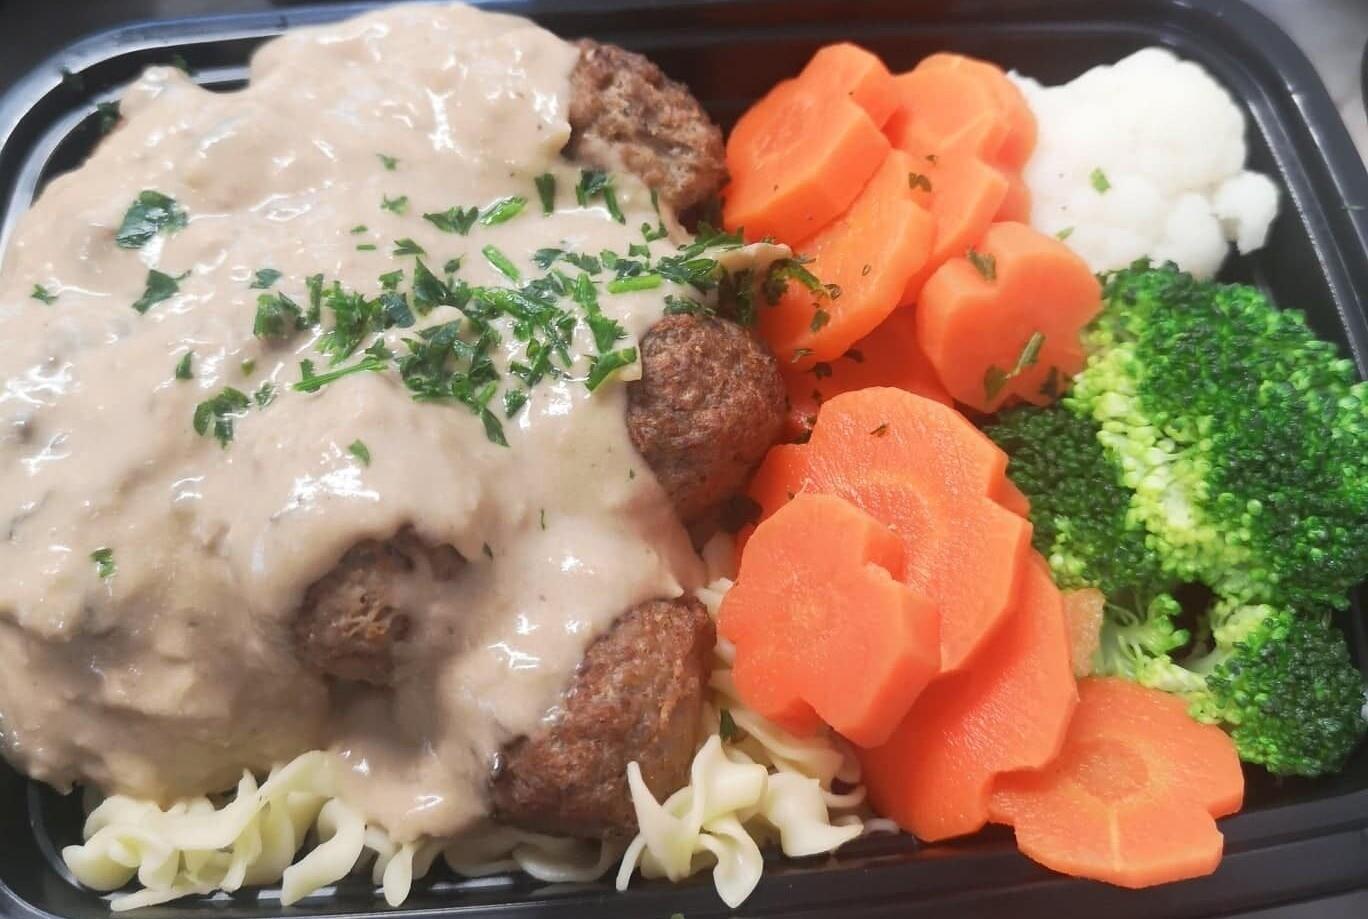 Meatballs Stroganoff with Vegetables & Egg Noodles